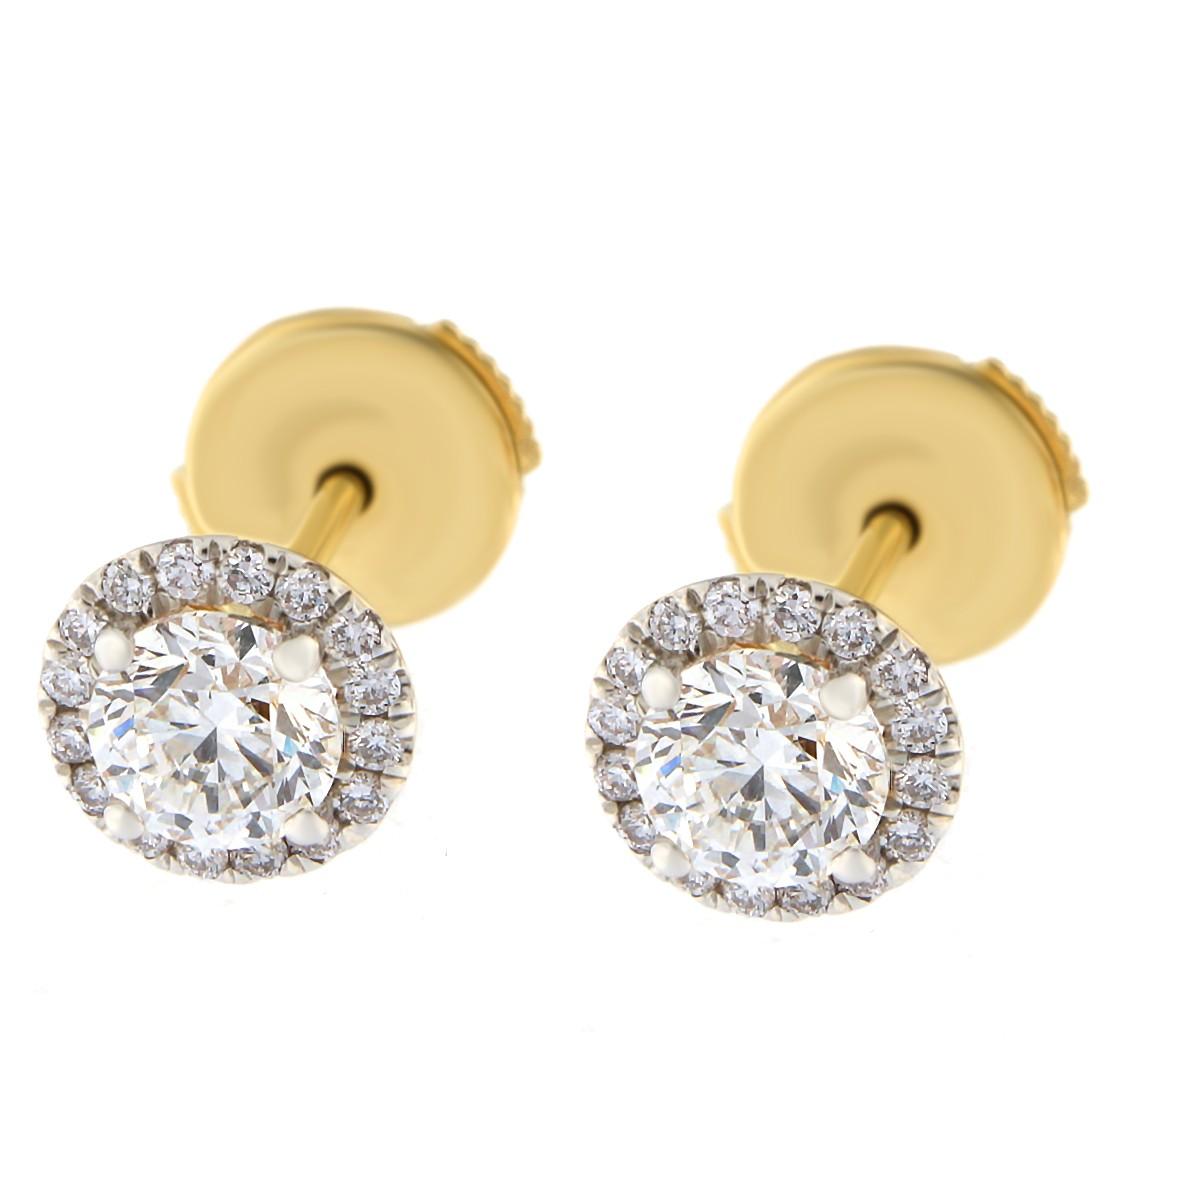 Kullast kõrvarõngad teemantidega 0,88 ct. Kood: 57ak